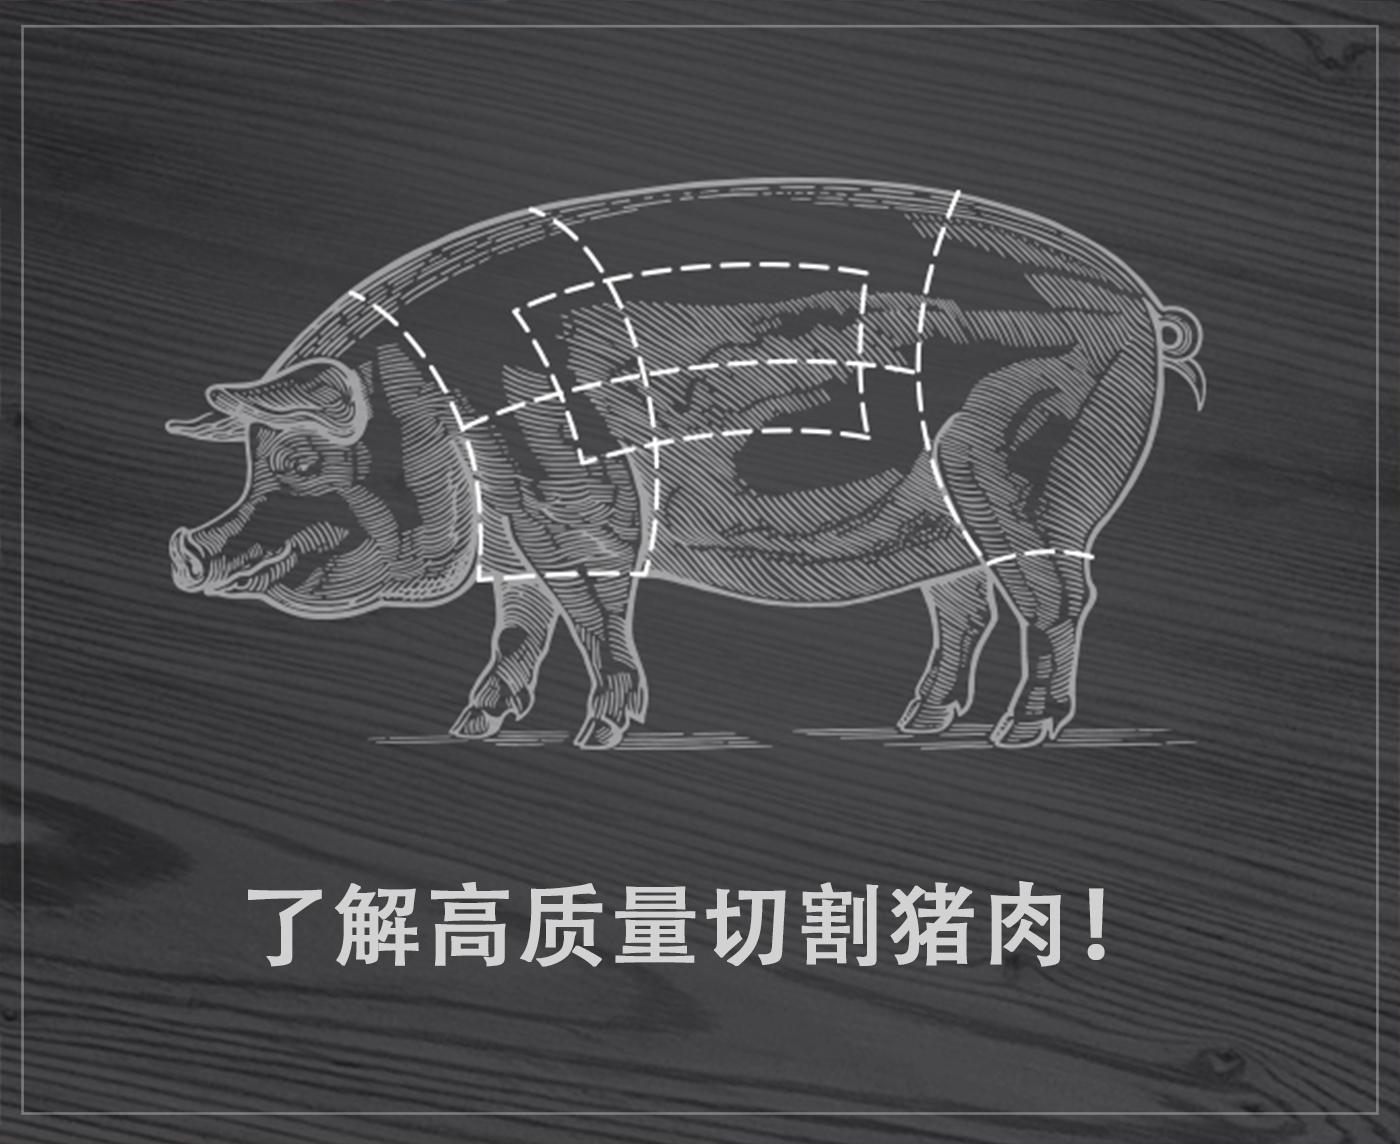 menu cuts picture